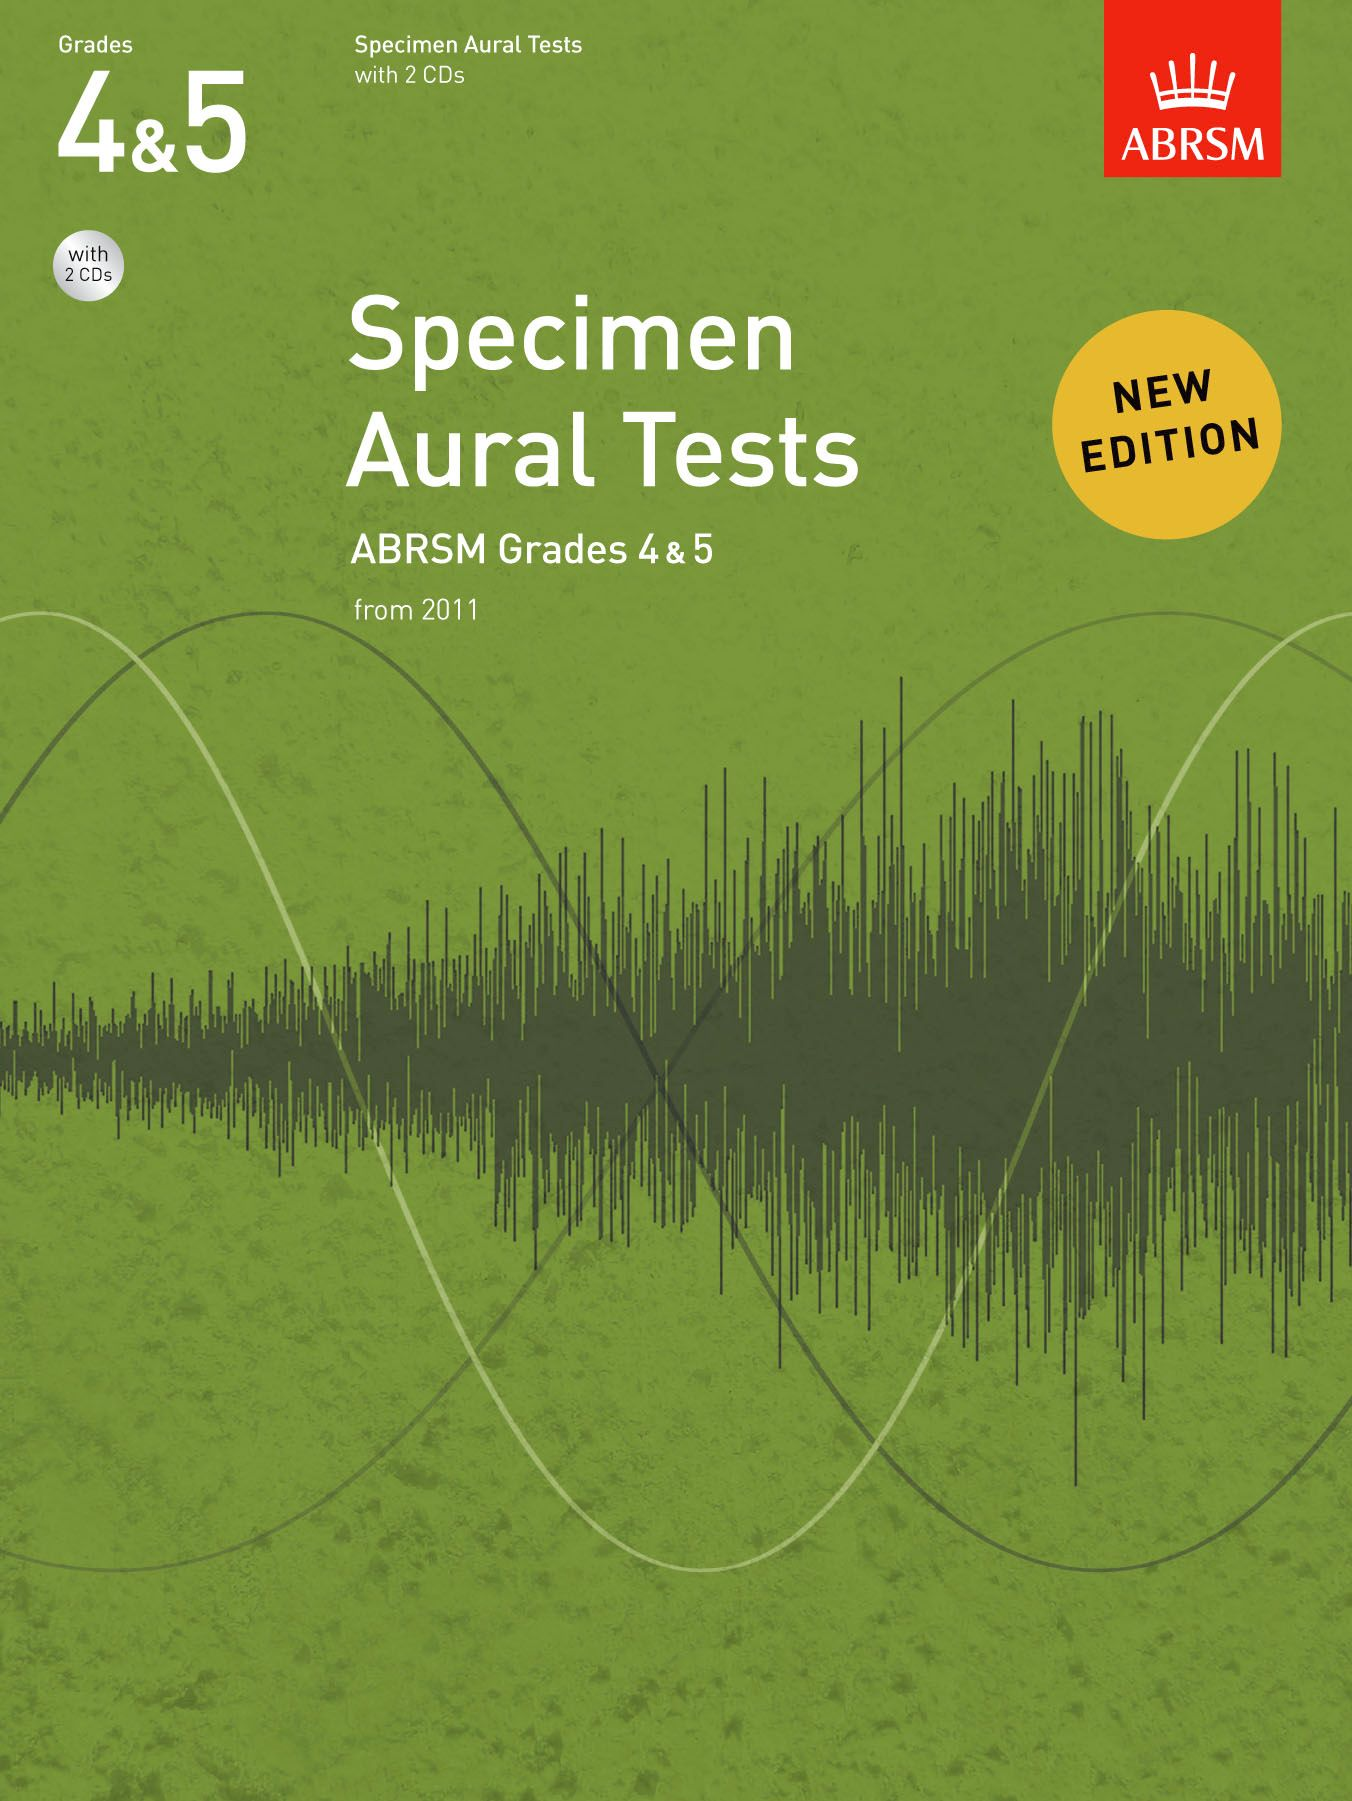 ABRSM Specimen Aural Tests Grades 4-5 with CD